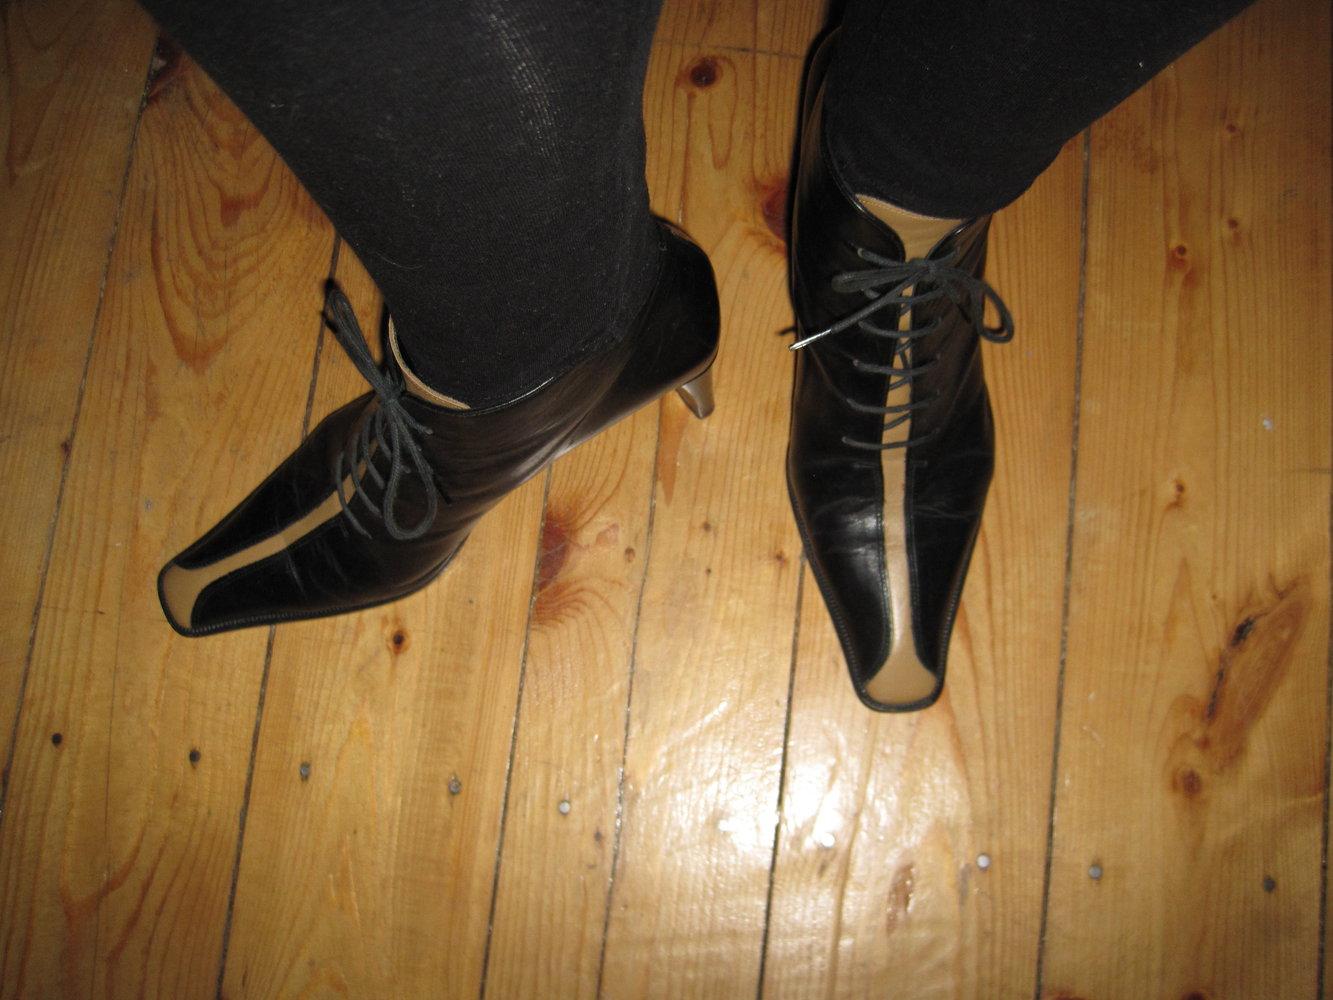 ... Ausgefallene Bernd Berger Leder Ankle Boots Stiefeletten Schnürer  Vintage Hippie 38 . ad04eaab75